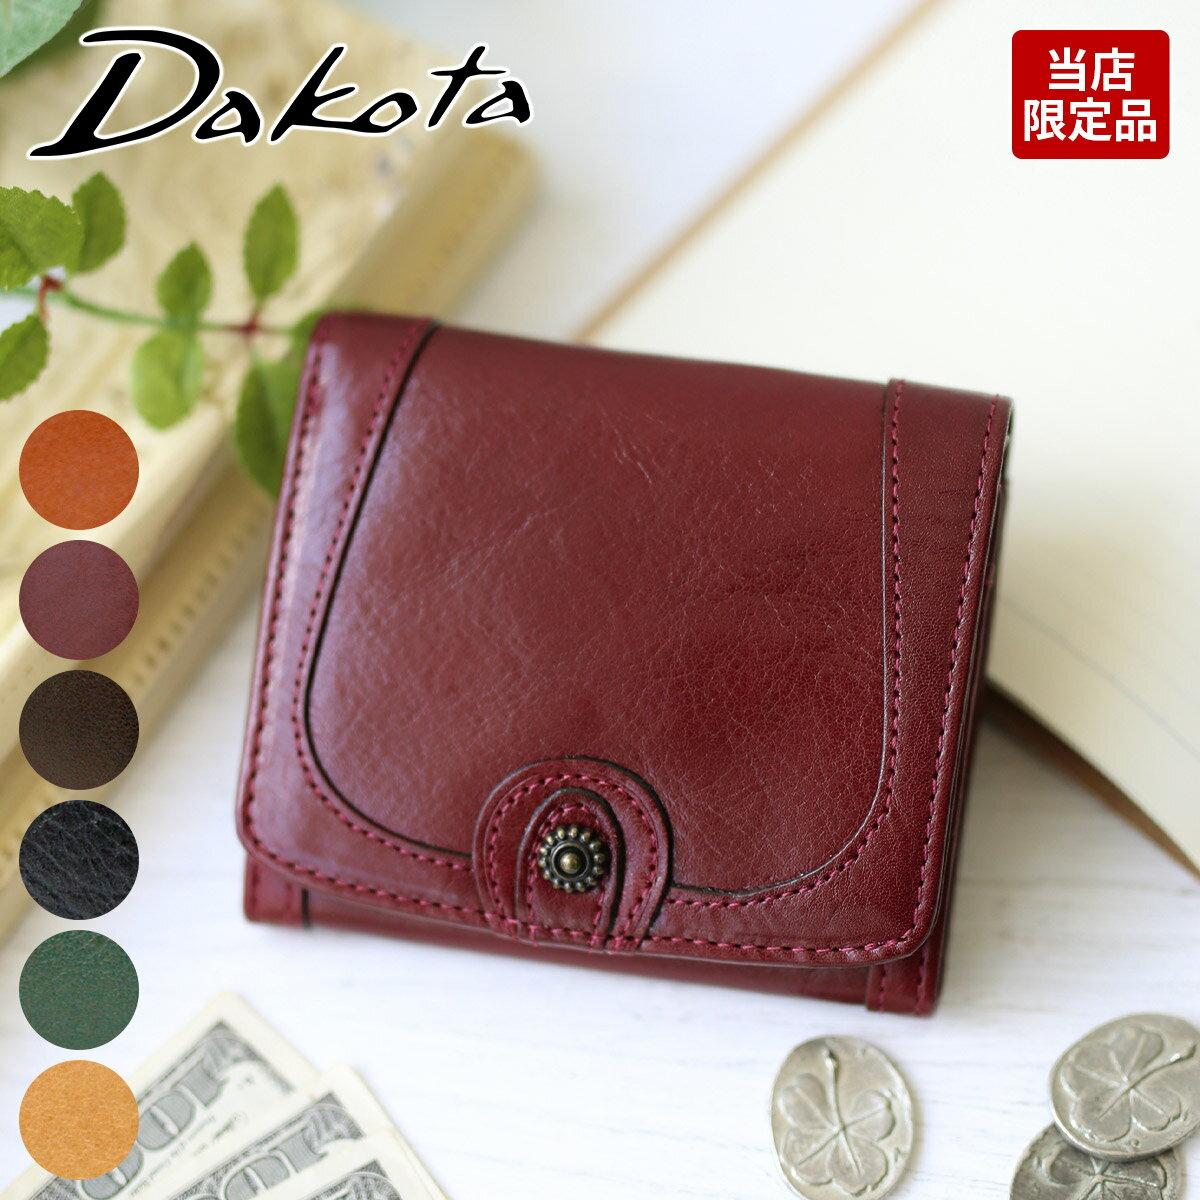 【選べるかわいいノベルティ付】 Dakota ダコタ 財布リードクラシック 小銭入れ付き 二つ折り財布 0030028 (0031004) (0032012)レディース 財布 本革 財布 二つ折り ギフト かわいい おしゃれ プレゼント